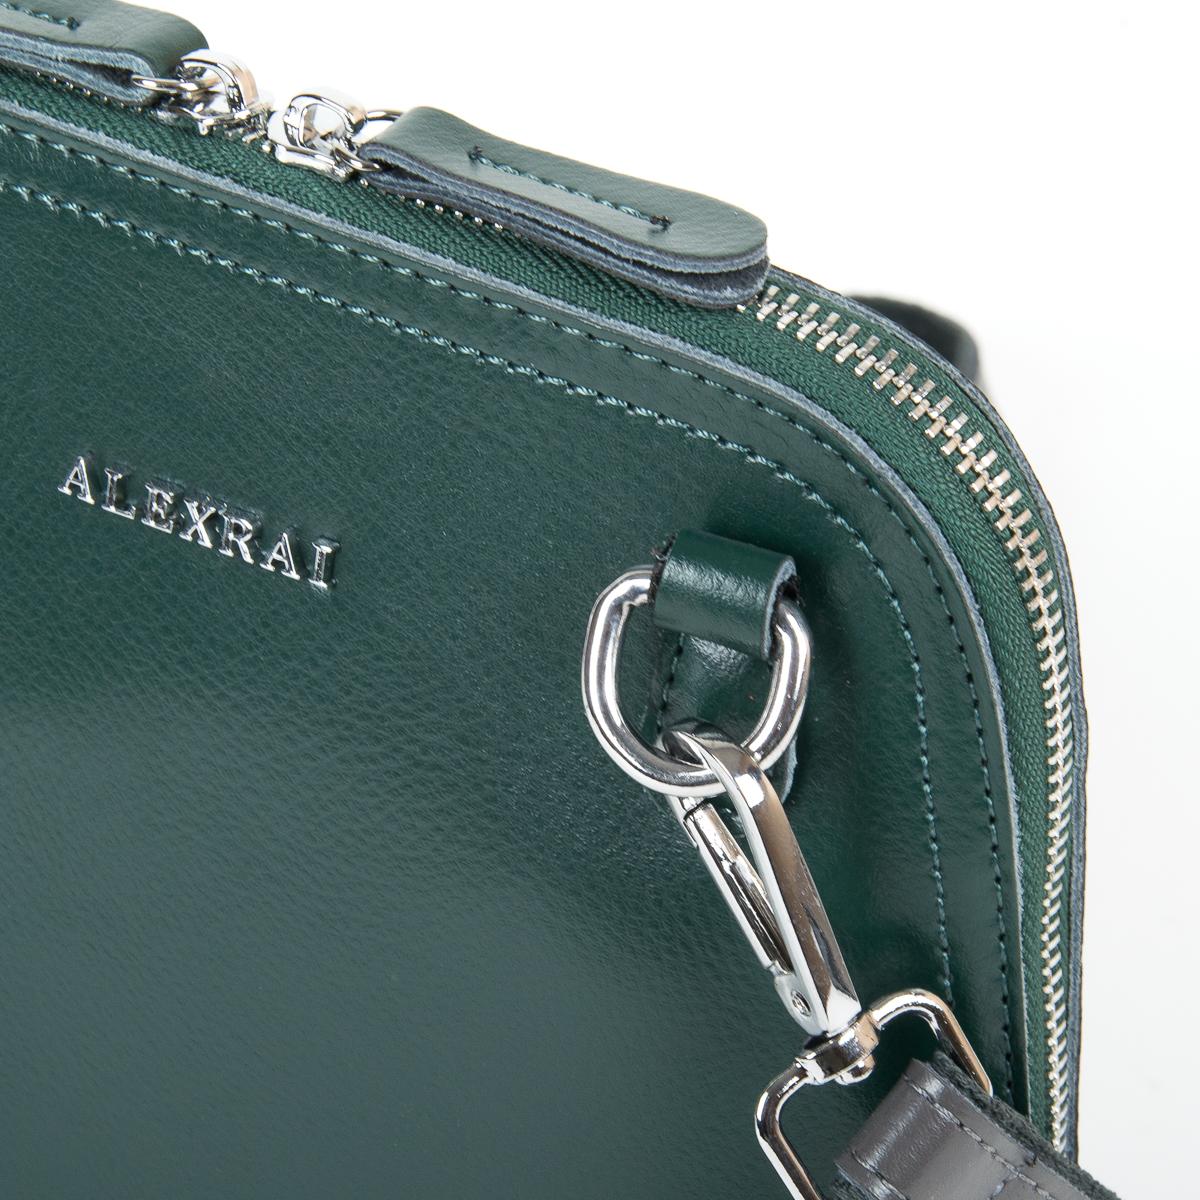 Сумка Женская Клатч кожа ALEX RAI 9-01 8803 green - фото 3